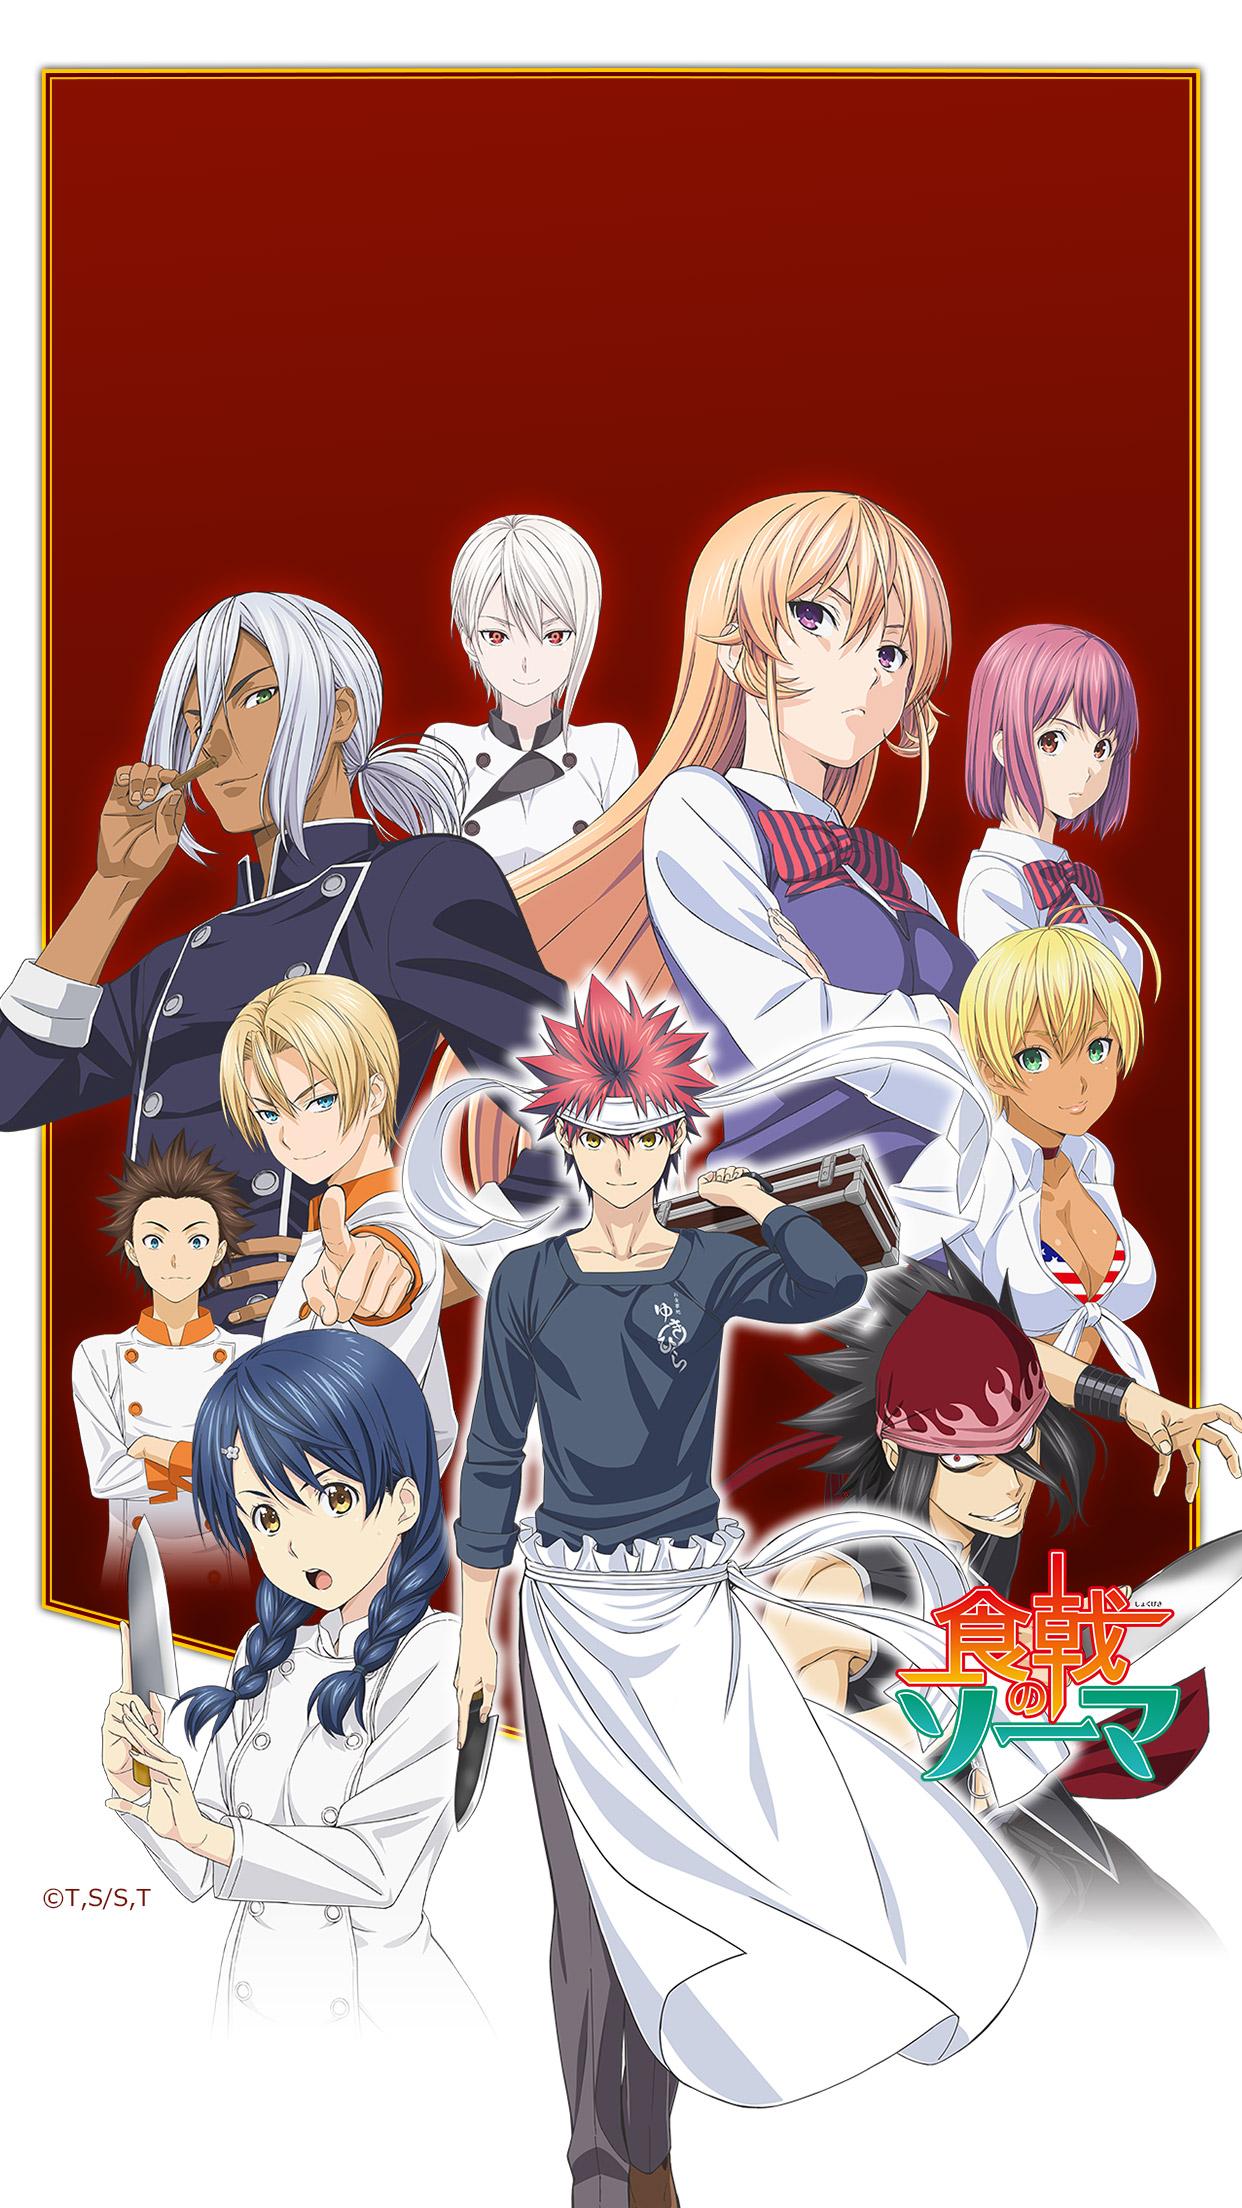 Twitterアイコン 壁紙 配布 第1期 Tvアニメ 食戟のソーマ 弐ノ皿 公式サイト